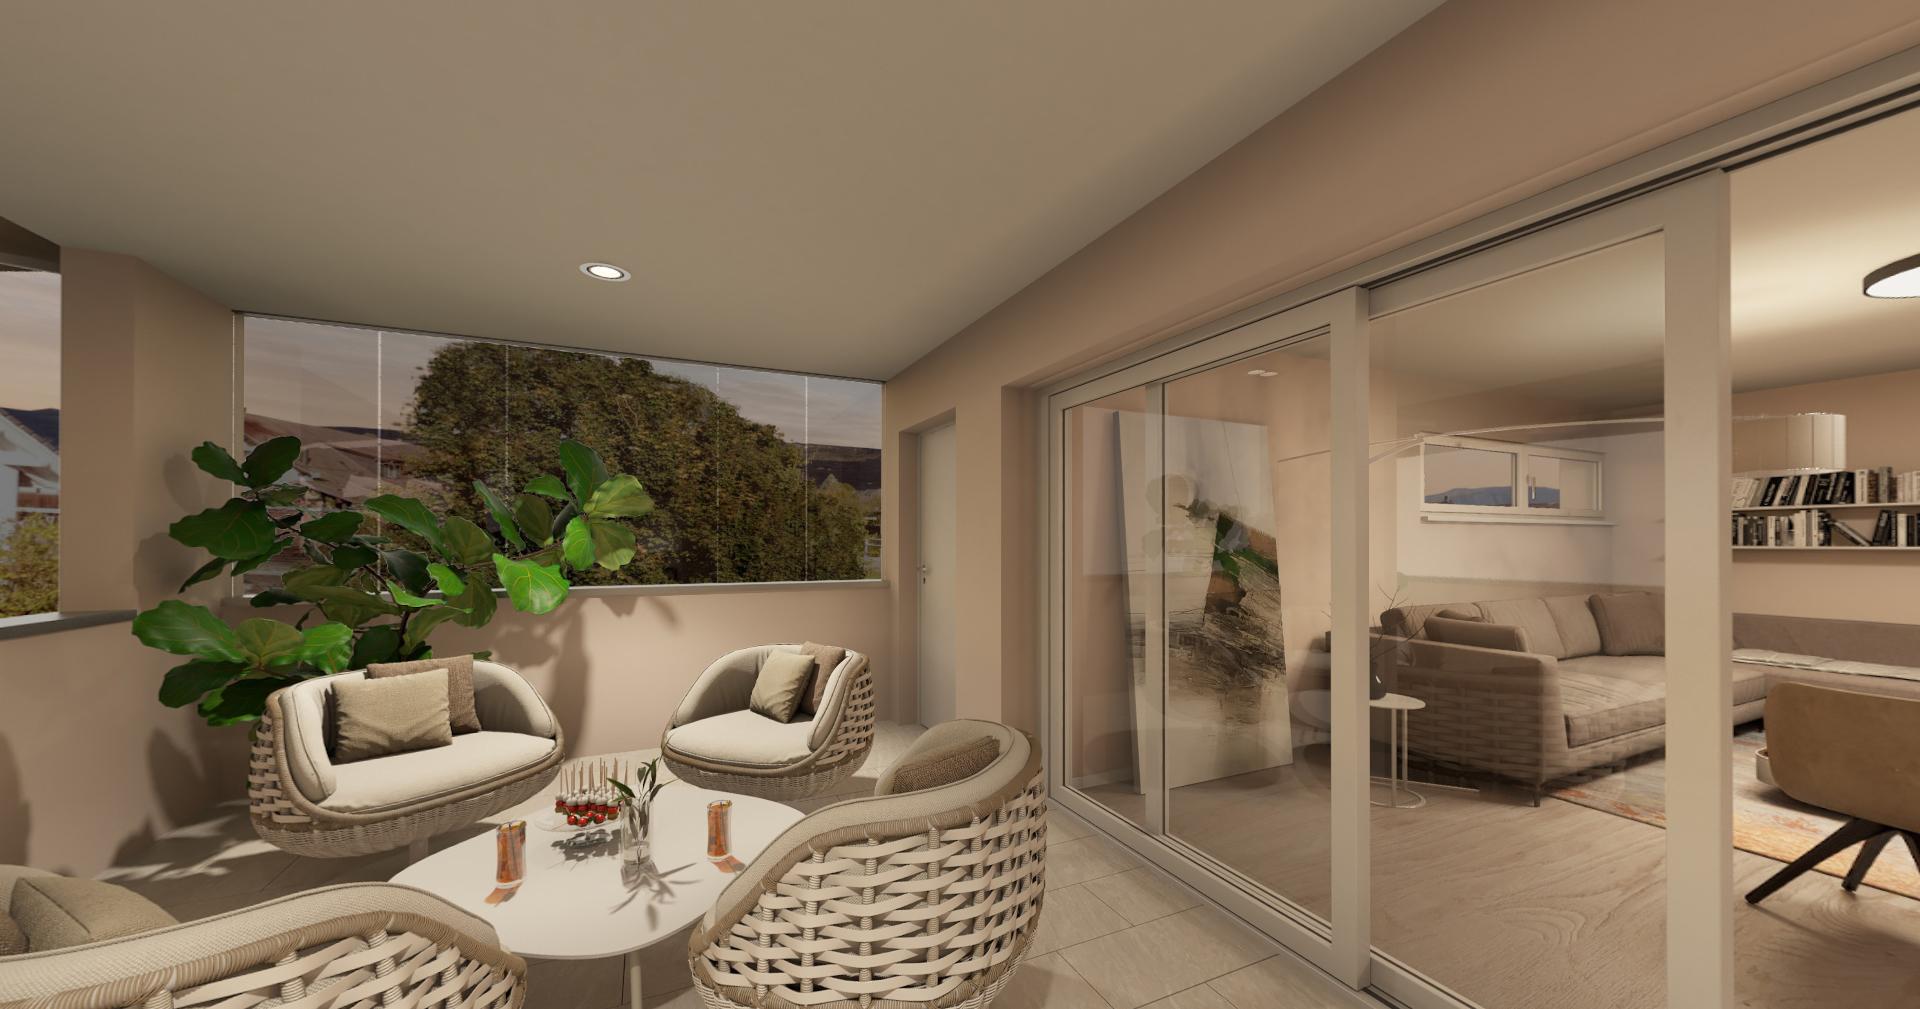 westfield_mehrfamilienhaus_haerkingen_balkon_4.5_zimmer_wohnung_6.jpg